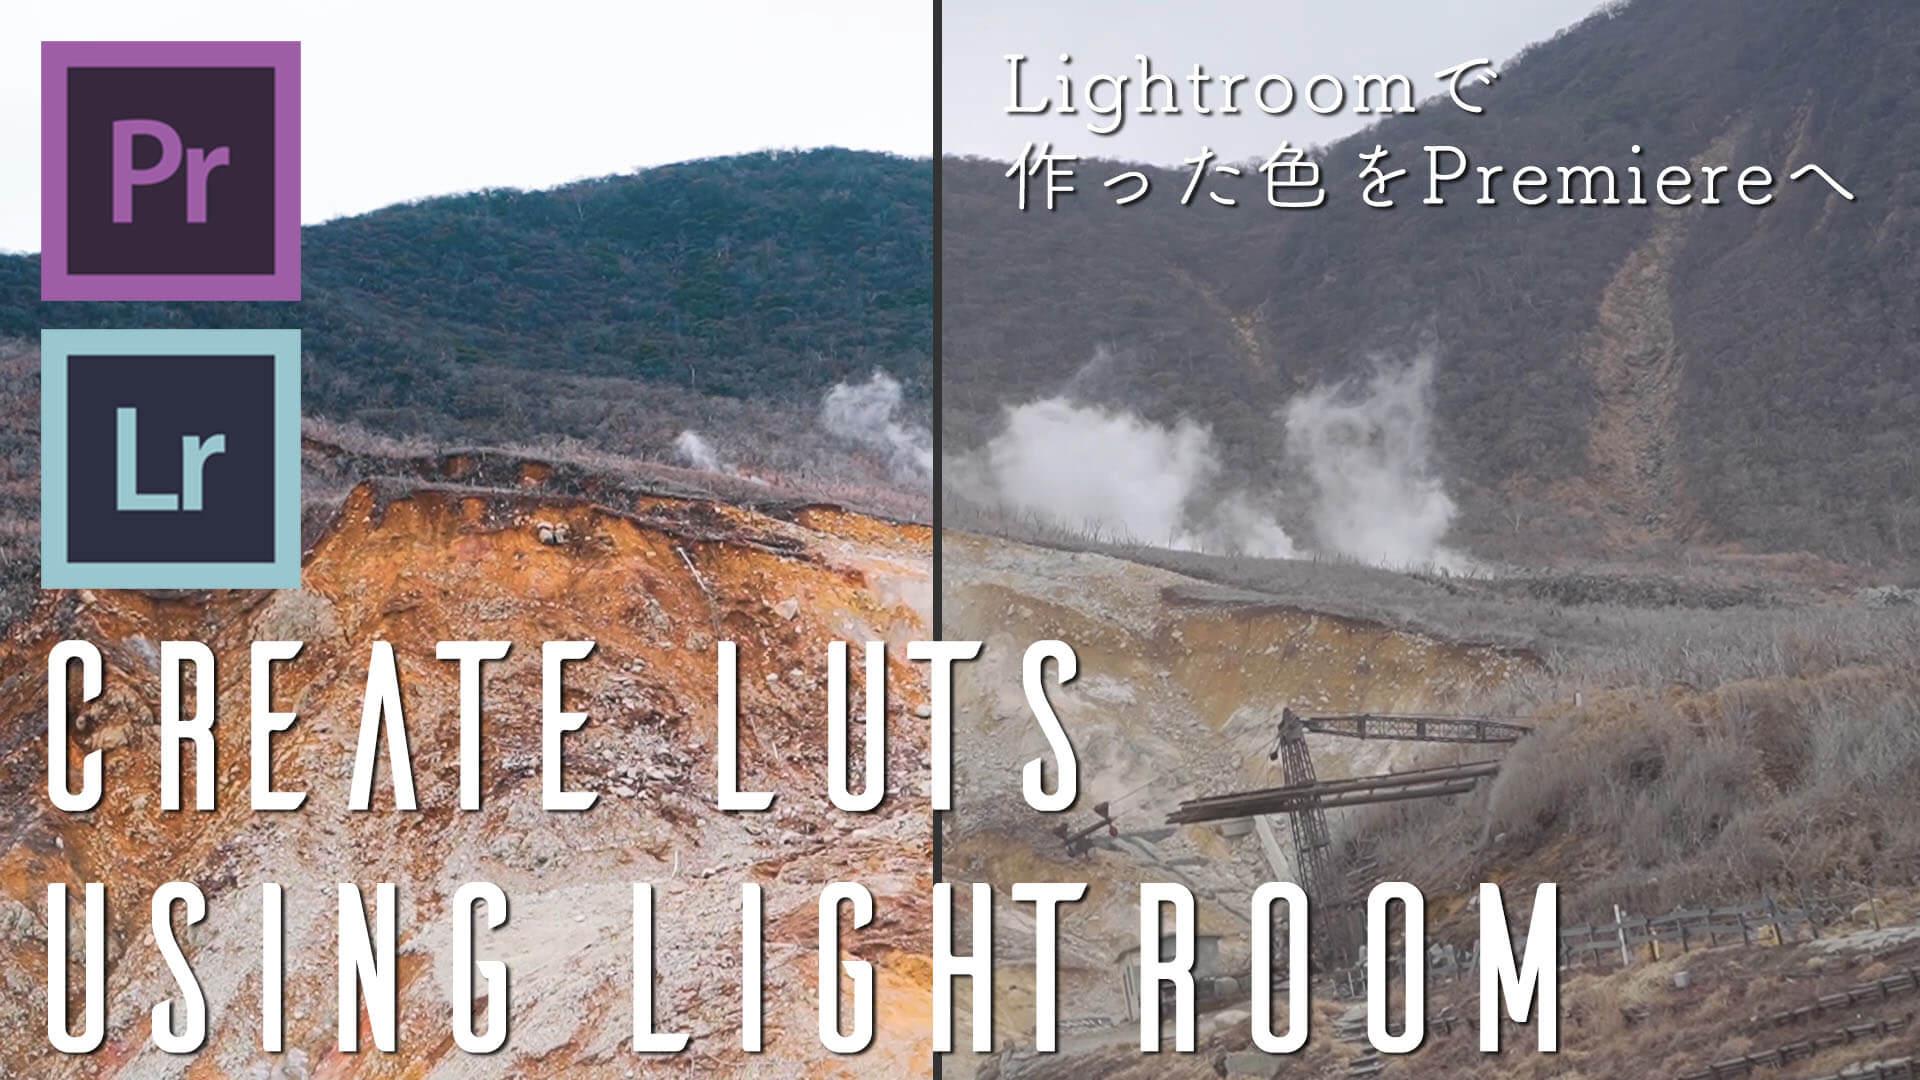 Lightroomで作った色味を動画に使うためにLUTへ変換する方法